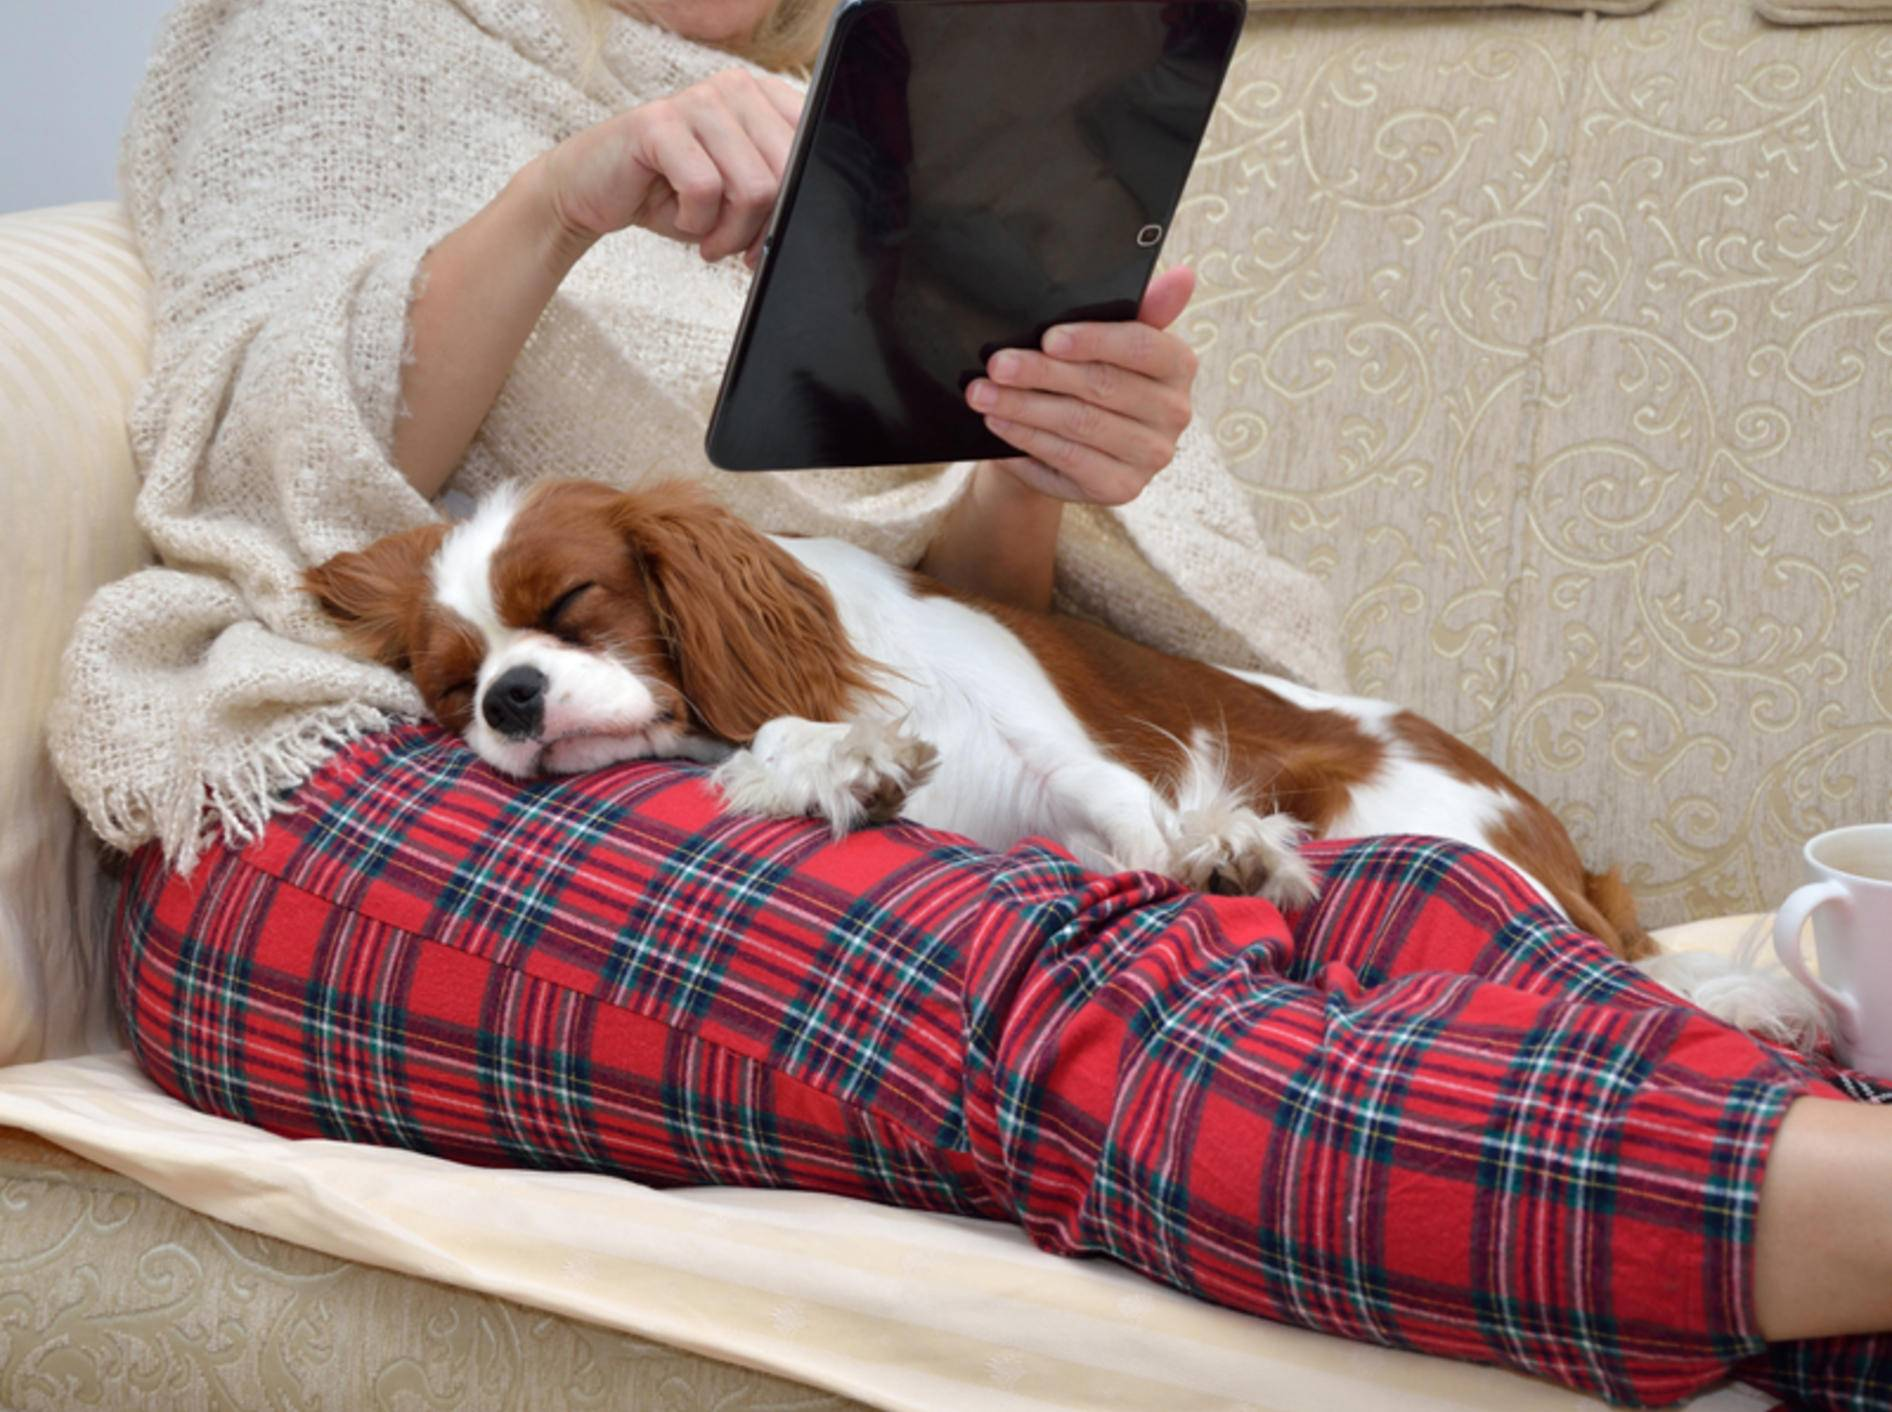 Dieser Cavalier King Charles Spaniel spürt, dass es seinem Frauchen gut geht – Shutterstock / bane.m